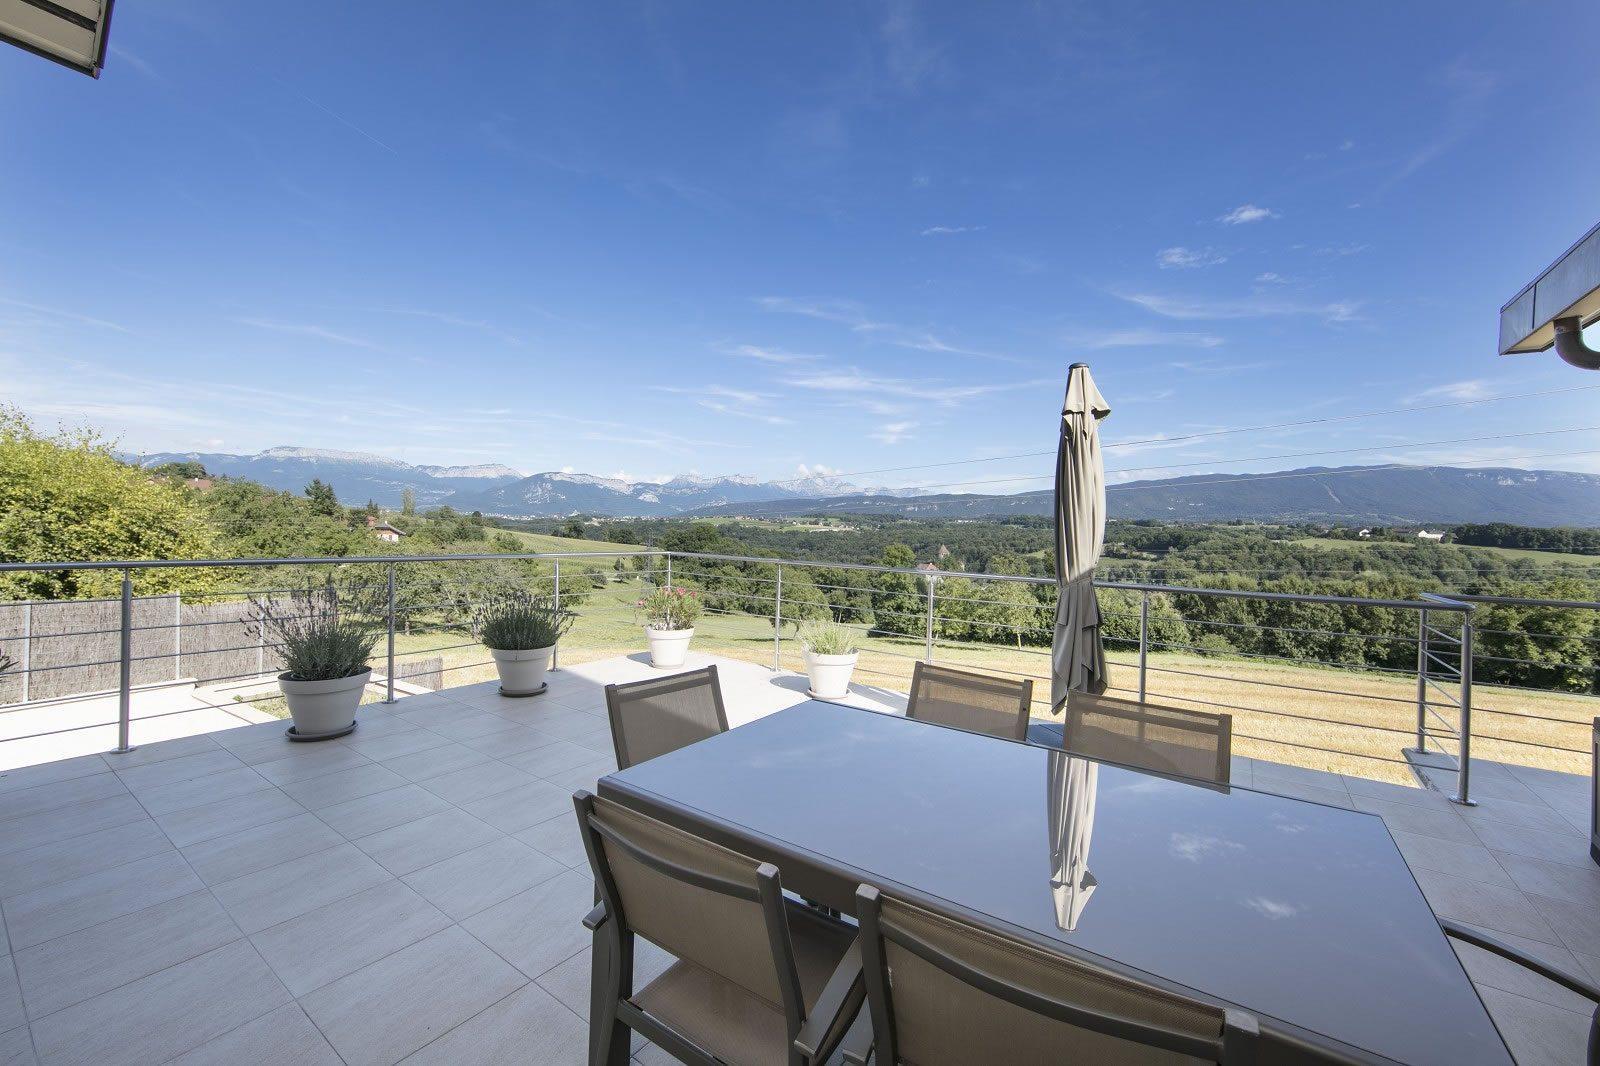 maison-renovee-piscine-interieure-a-vendre-lovagny-environnement-calme-mezzanine-garages